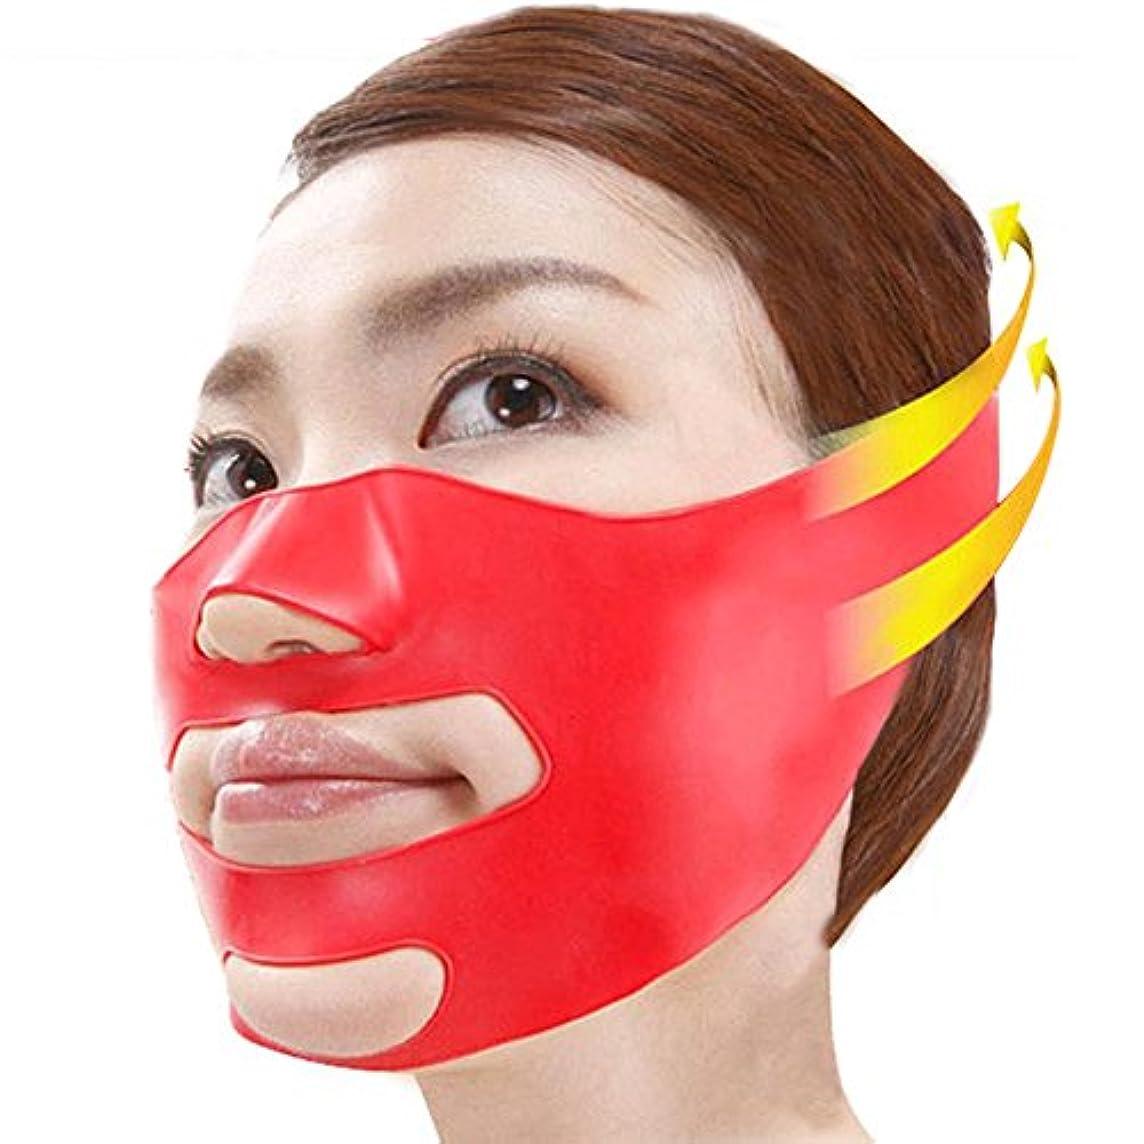 サイレン母音楽を聴く3D 小顔 マッサージグッズ フェイスマスク 美容 顔痩せ ほうれい線 消す グッズ 美顔 矯正 (フリーサイズ, レッド)